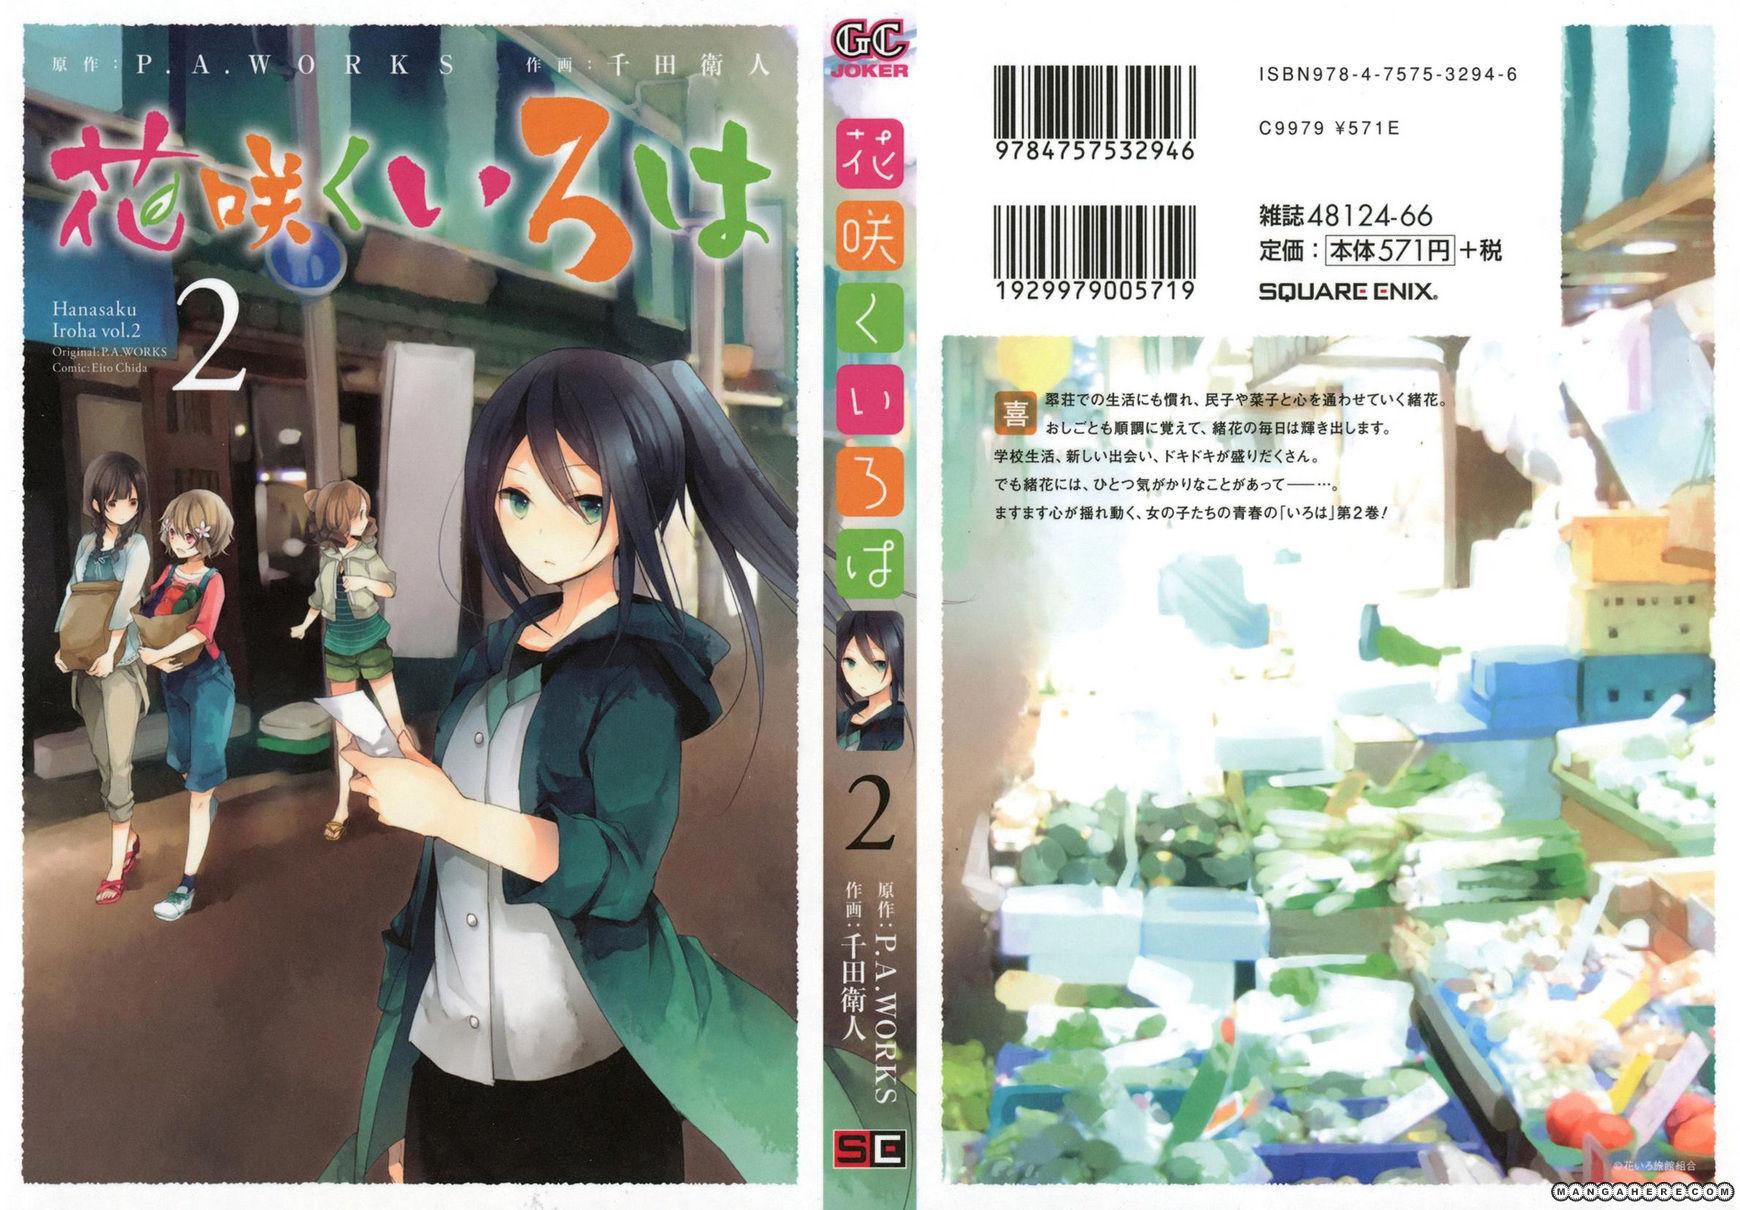 Hanasaku Iroha 5 Page 1